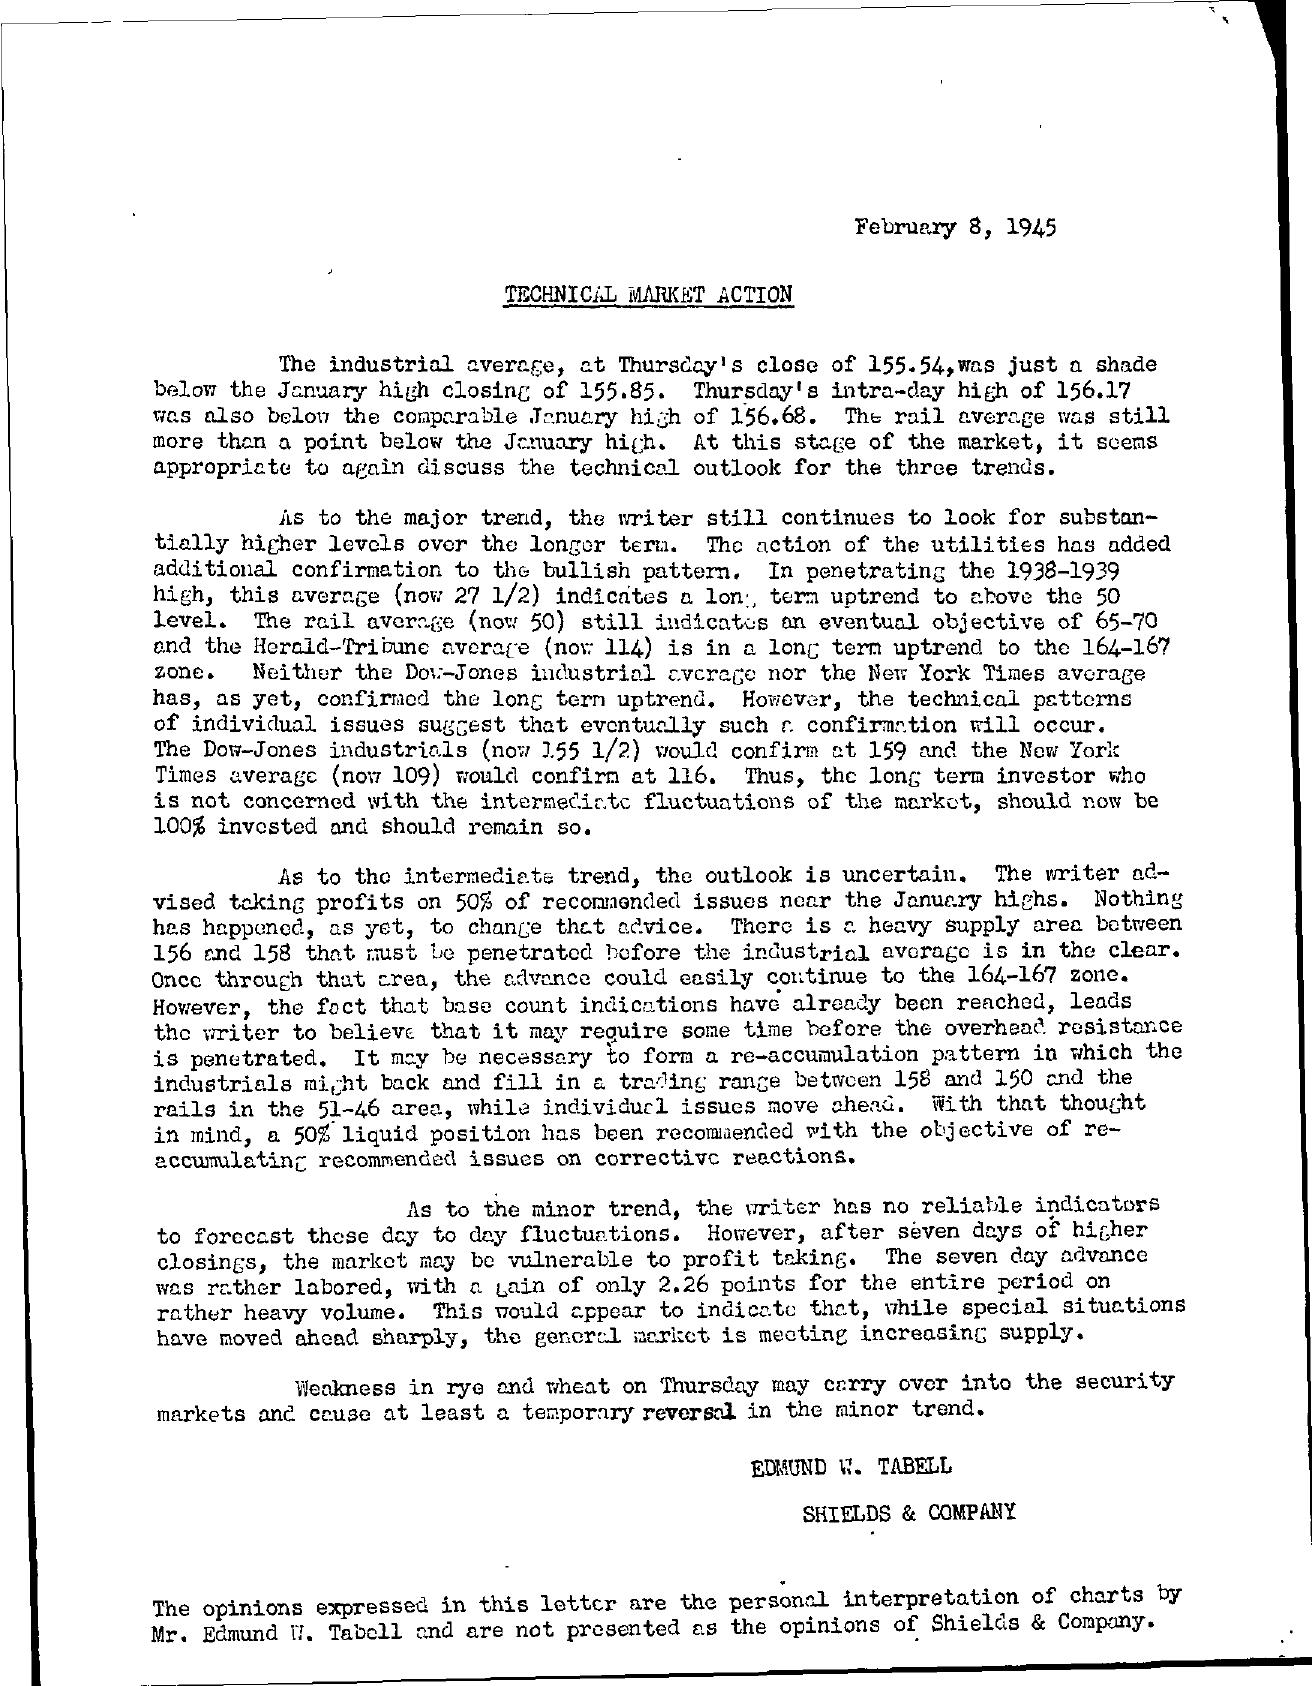 Tabell's Market Letter - February 08, 1945